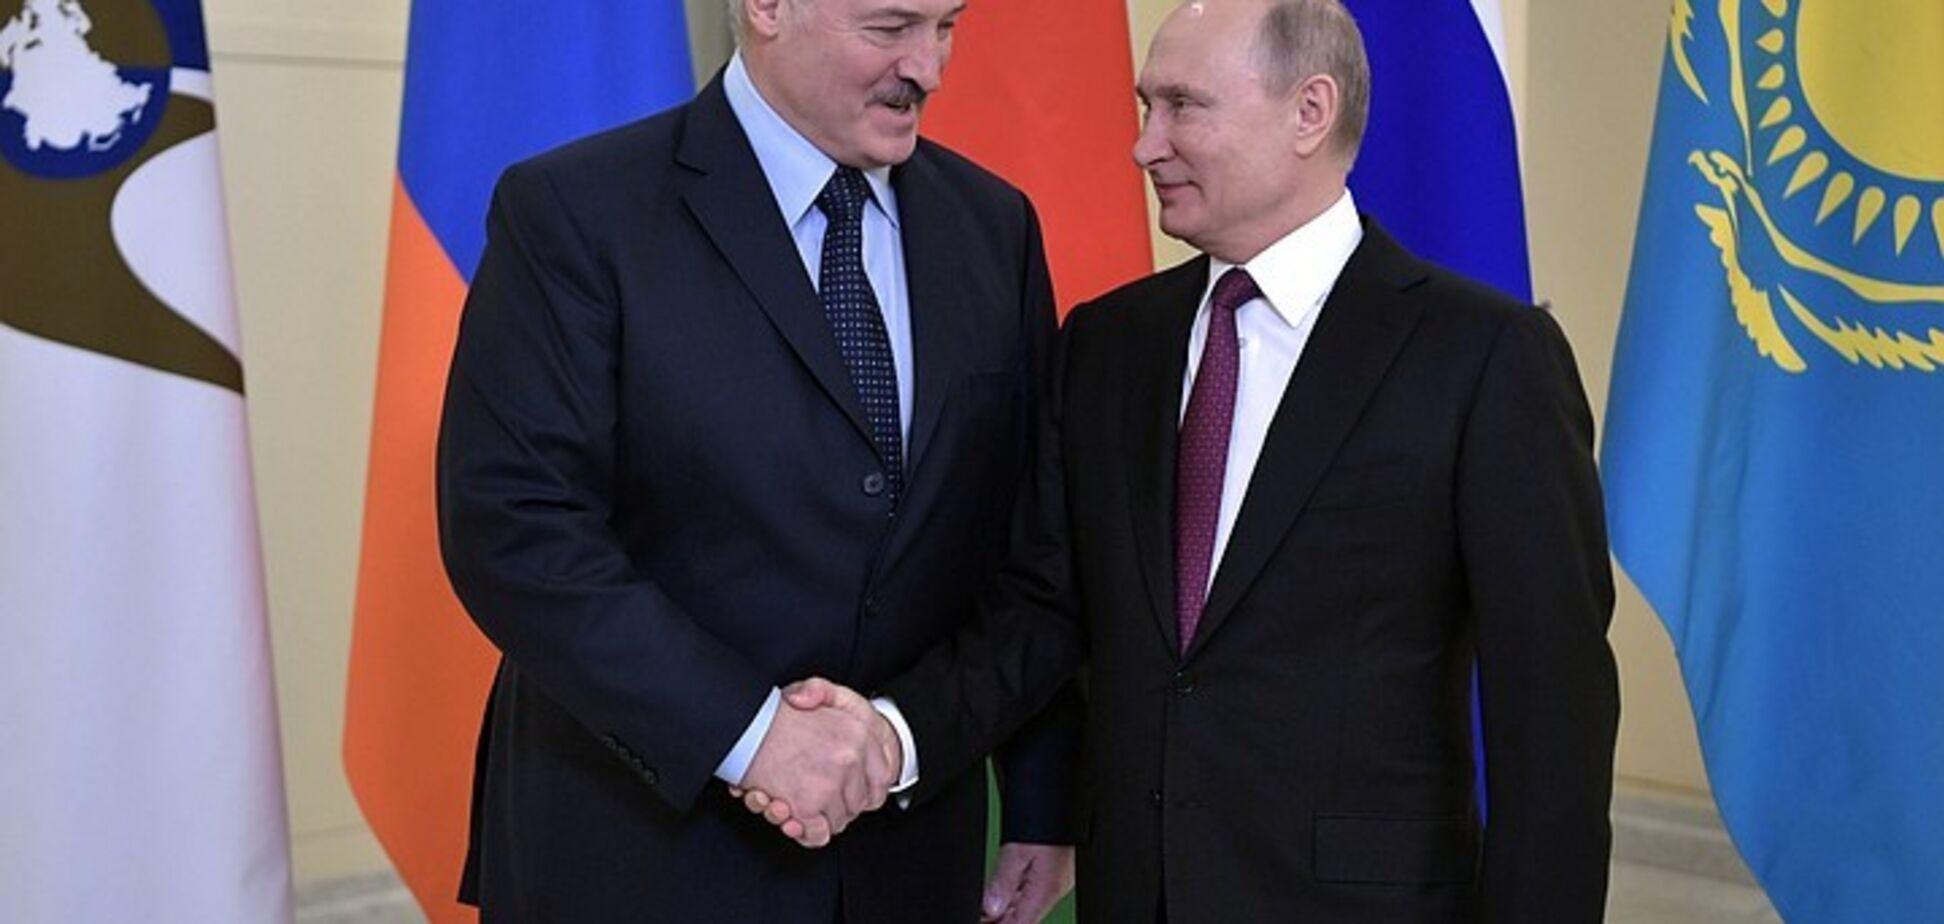 ''Удавка'' для Лукашенко: раскрыт сценарий Путина по 'нежной оккупации' Беларуси